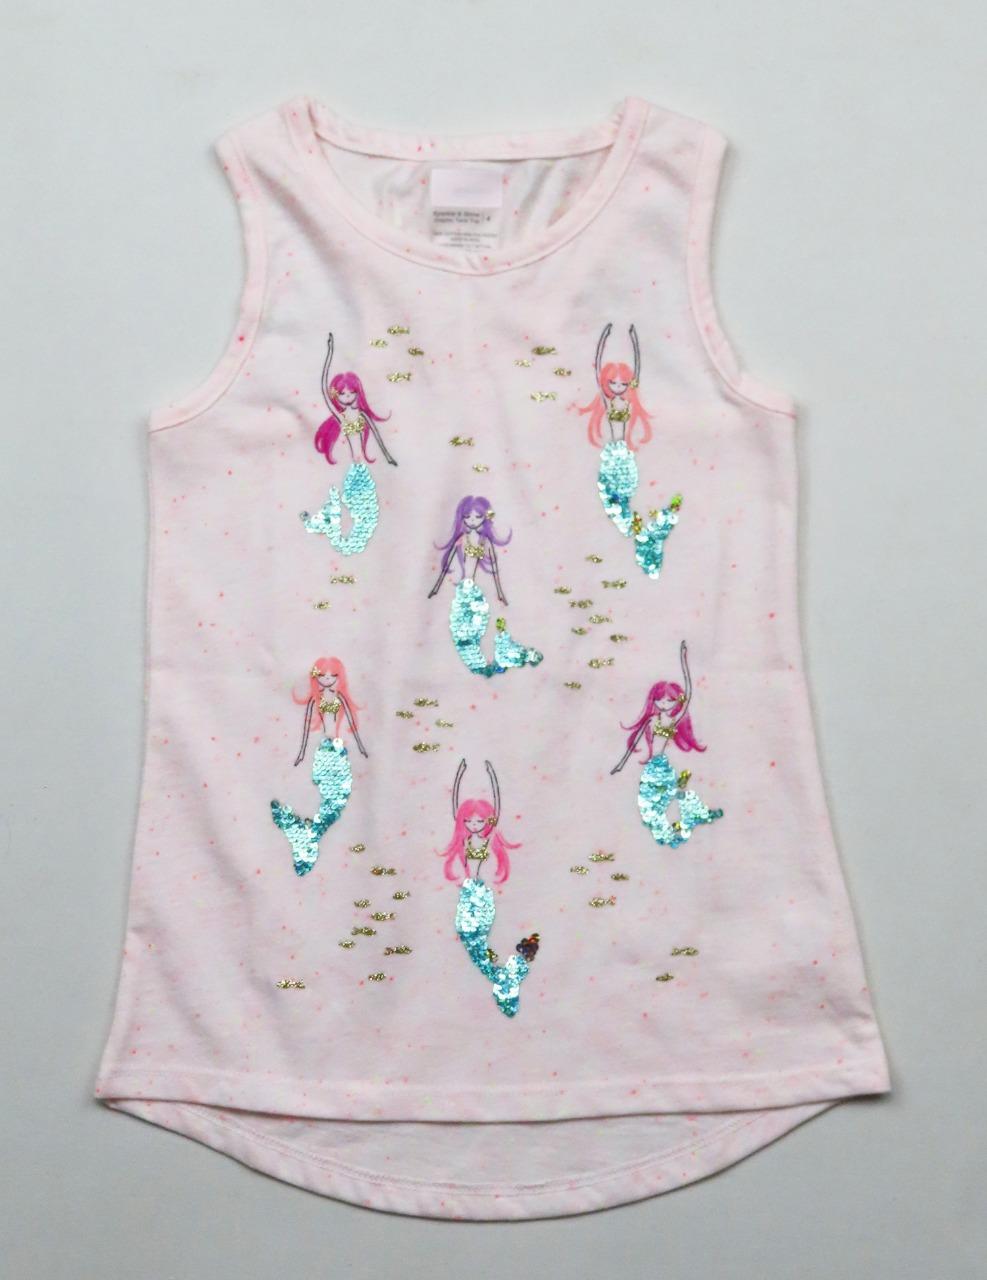 Girls Printed n Sequined Top